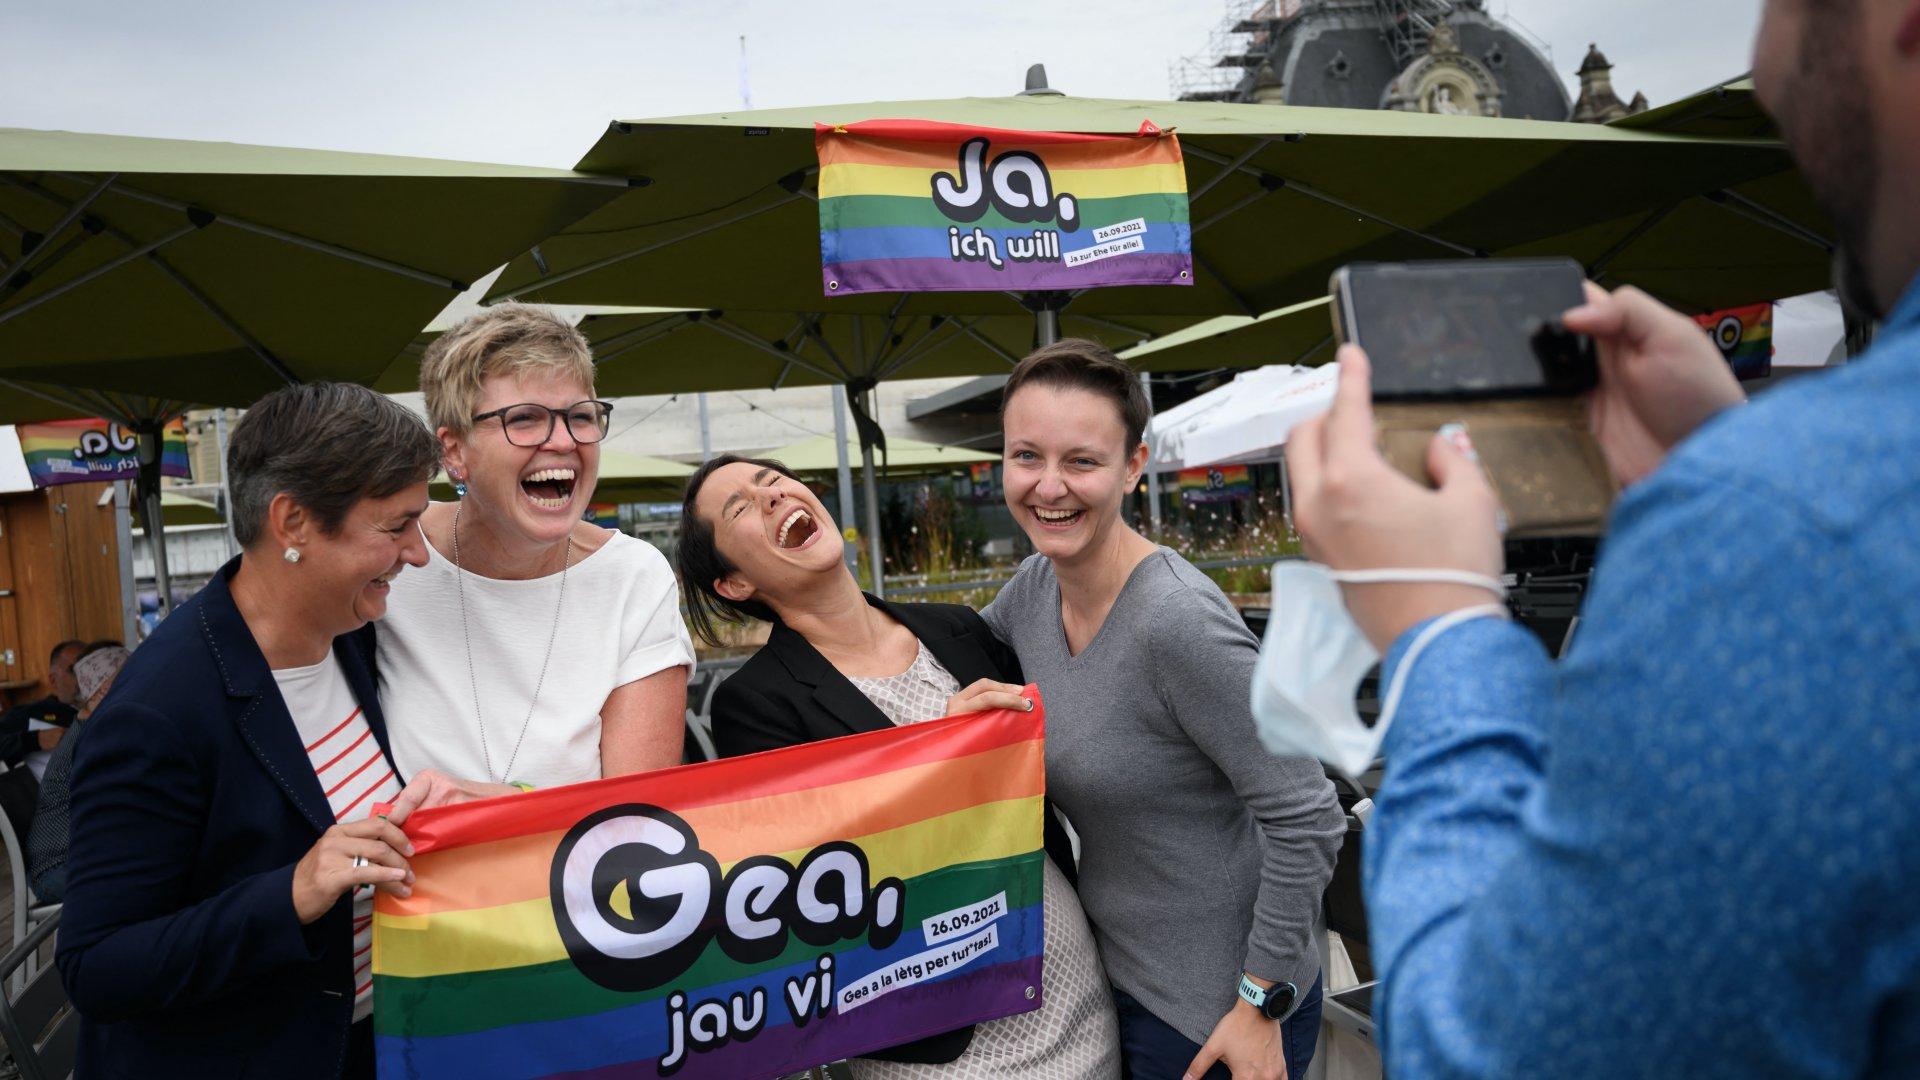 Megszavazták a melegházasság engedélyezését Svájcban